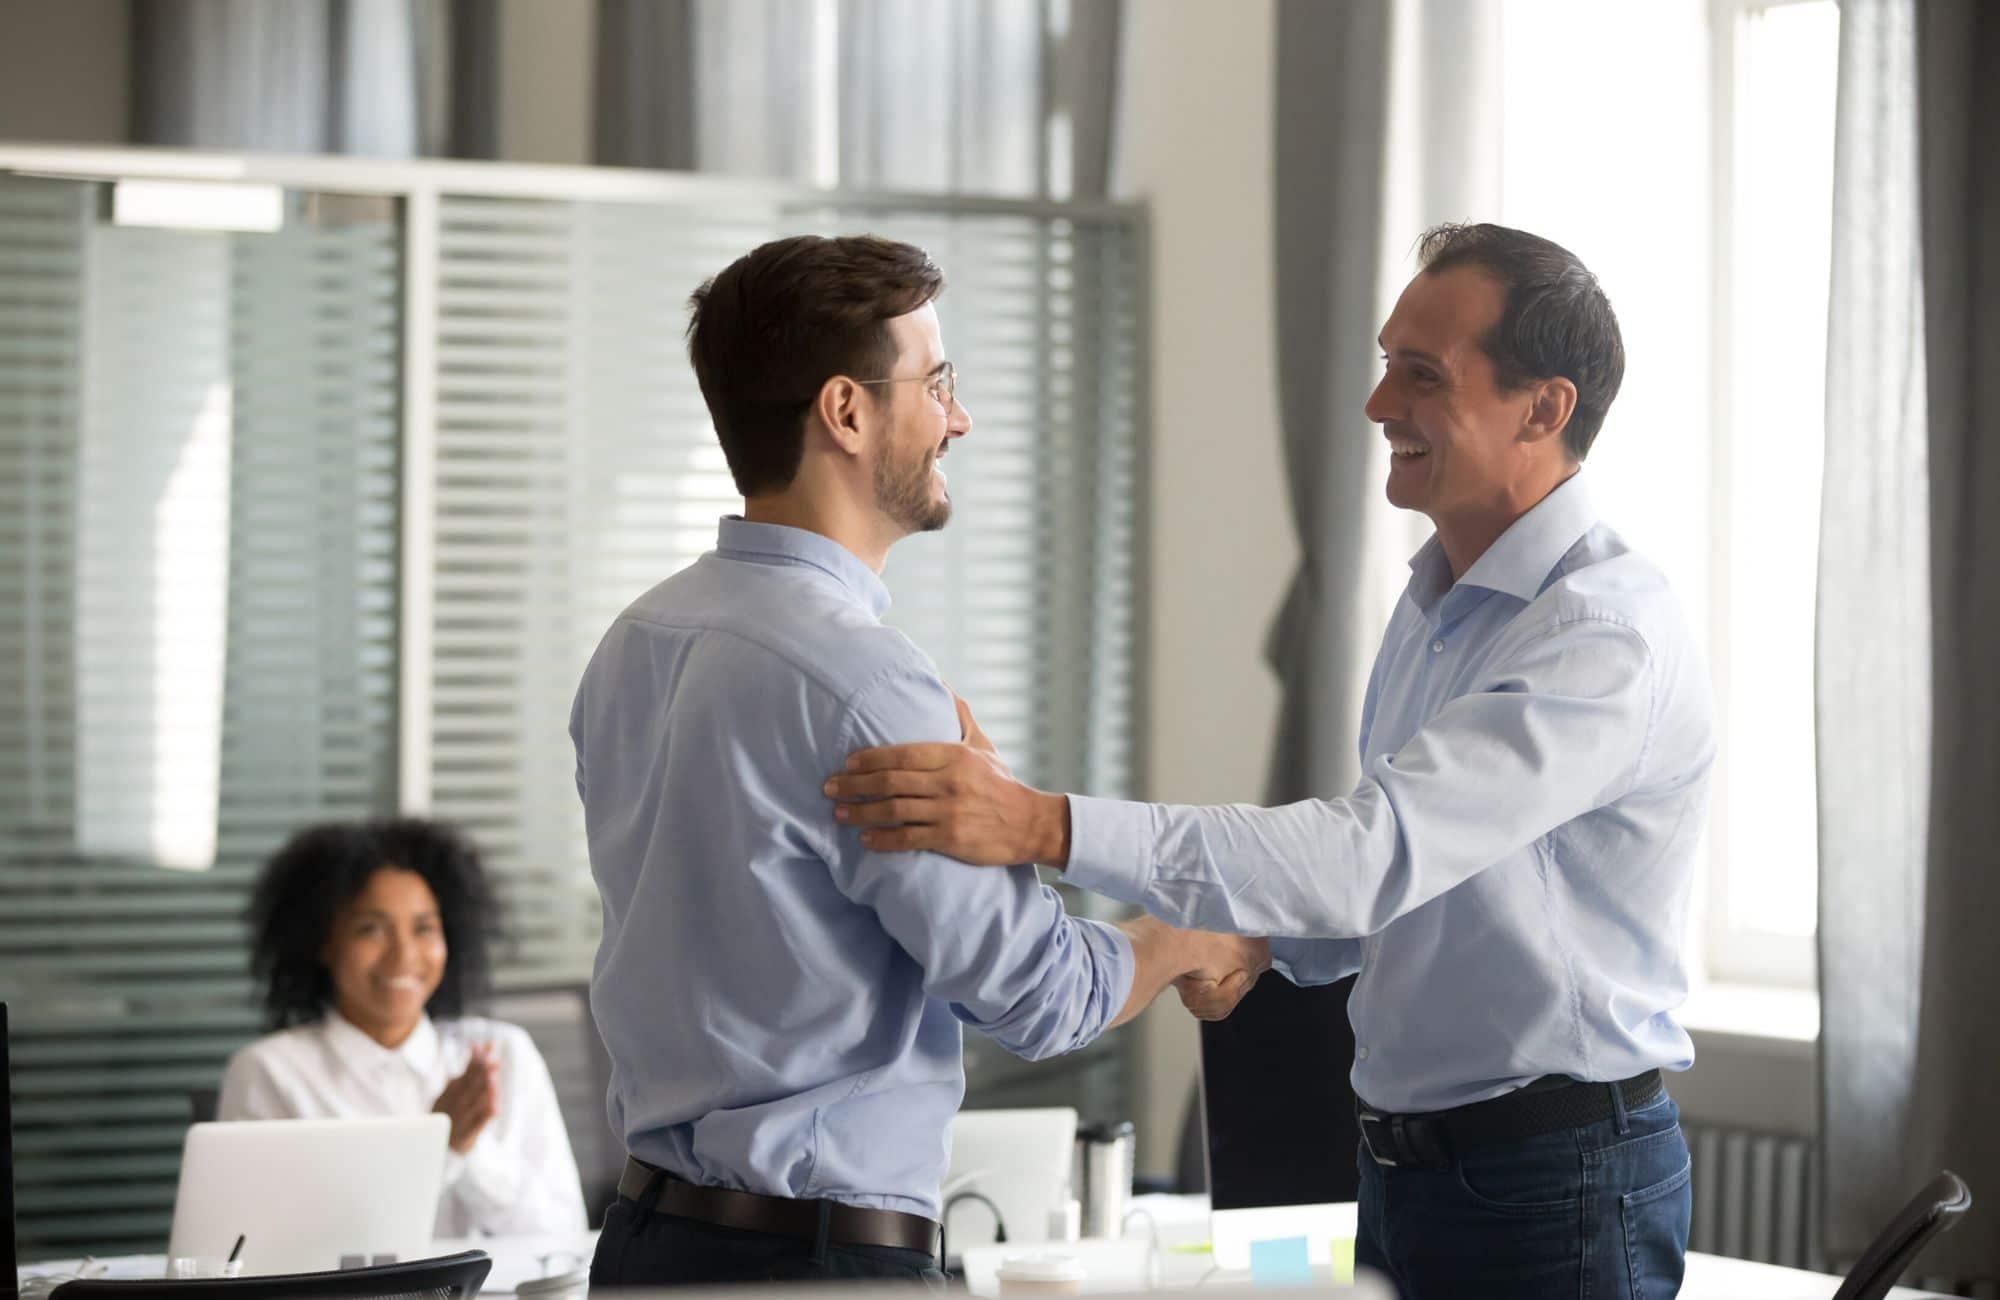 Quanto custa o Respeito nas Empresas? Respeito é importante nas organizações?